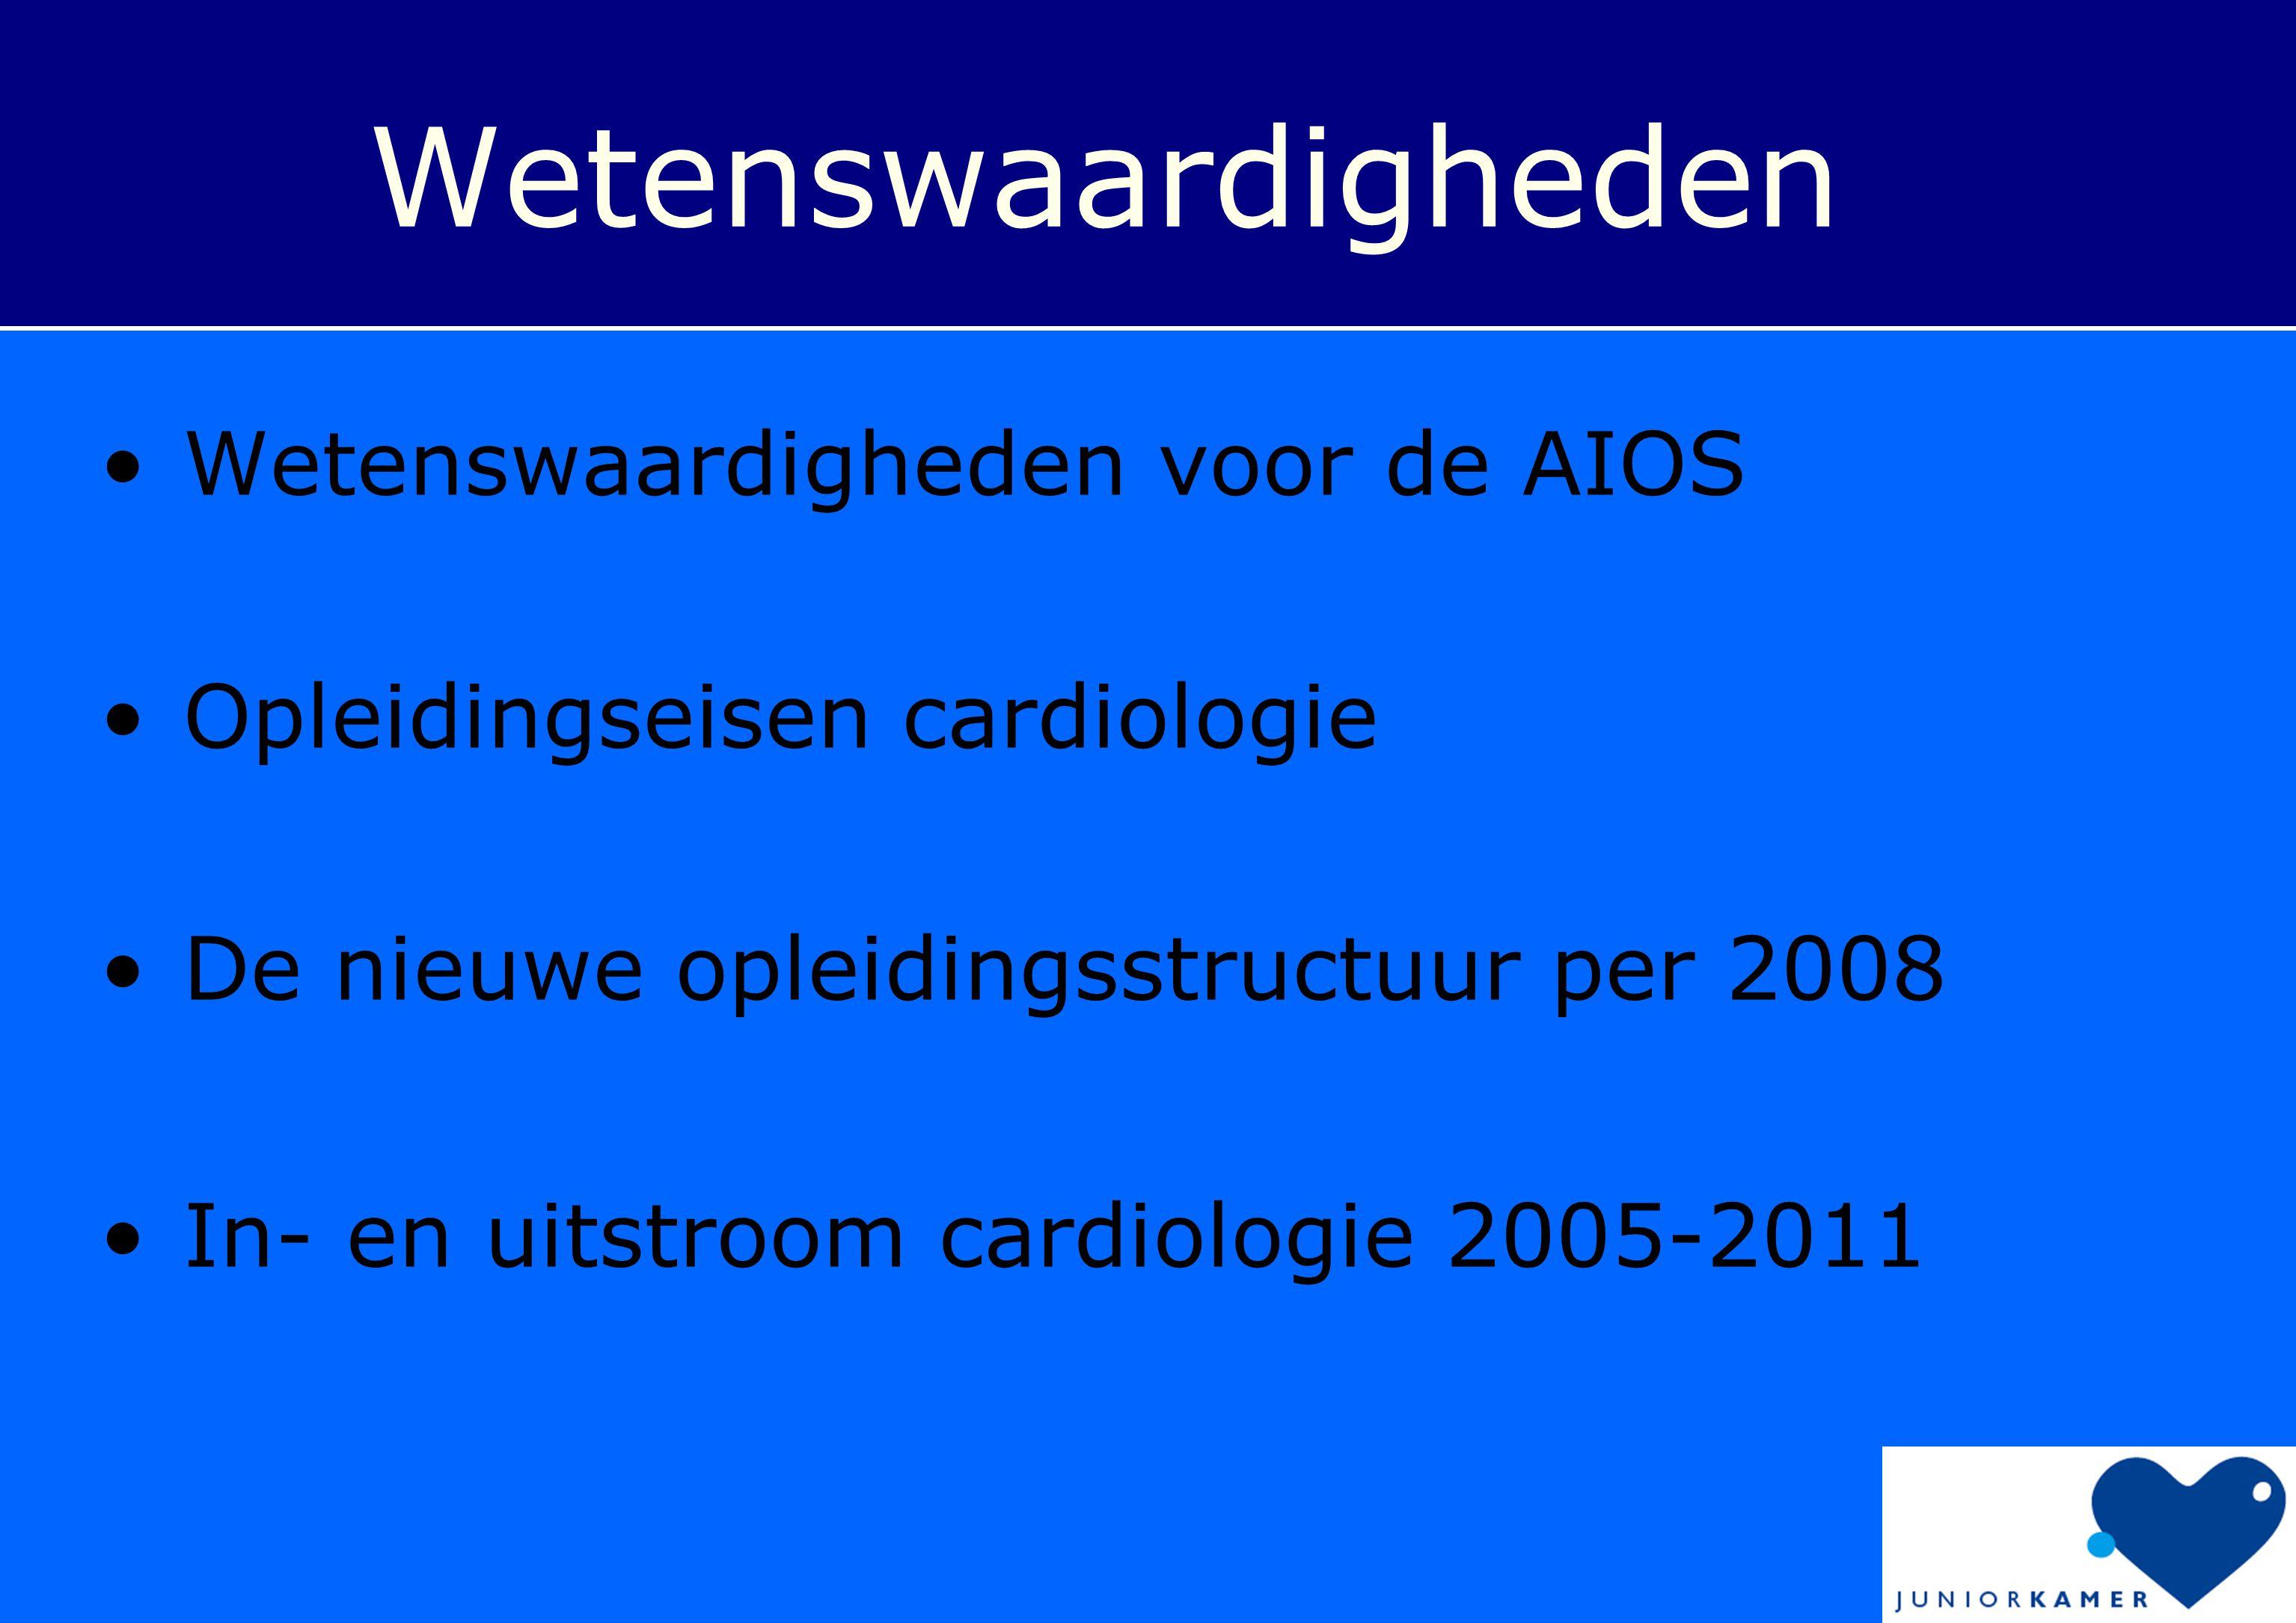 Wetenswaardigheden •Wetenswaardigheden voor de AIOS •Opleidingseisen cardiologie •De nieuwe opleidingsstructuur per 2008 •In- en uitstroom cardiologie